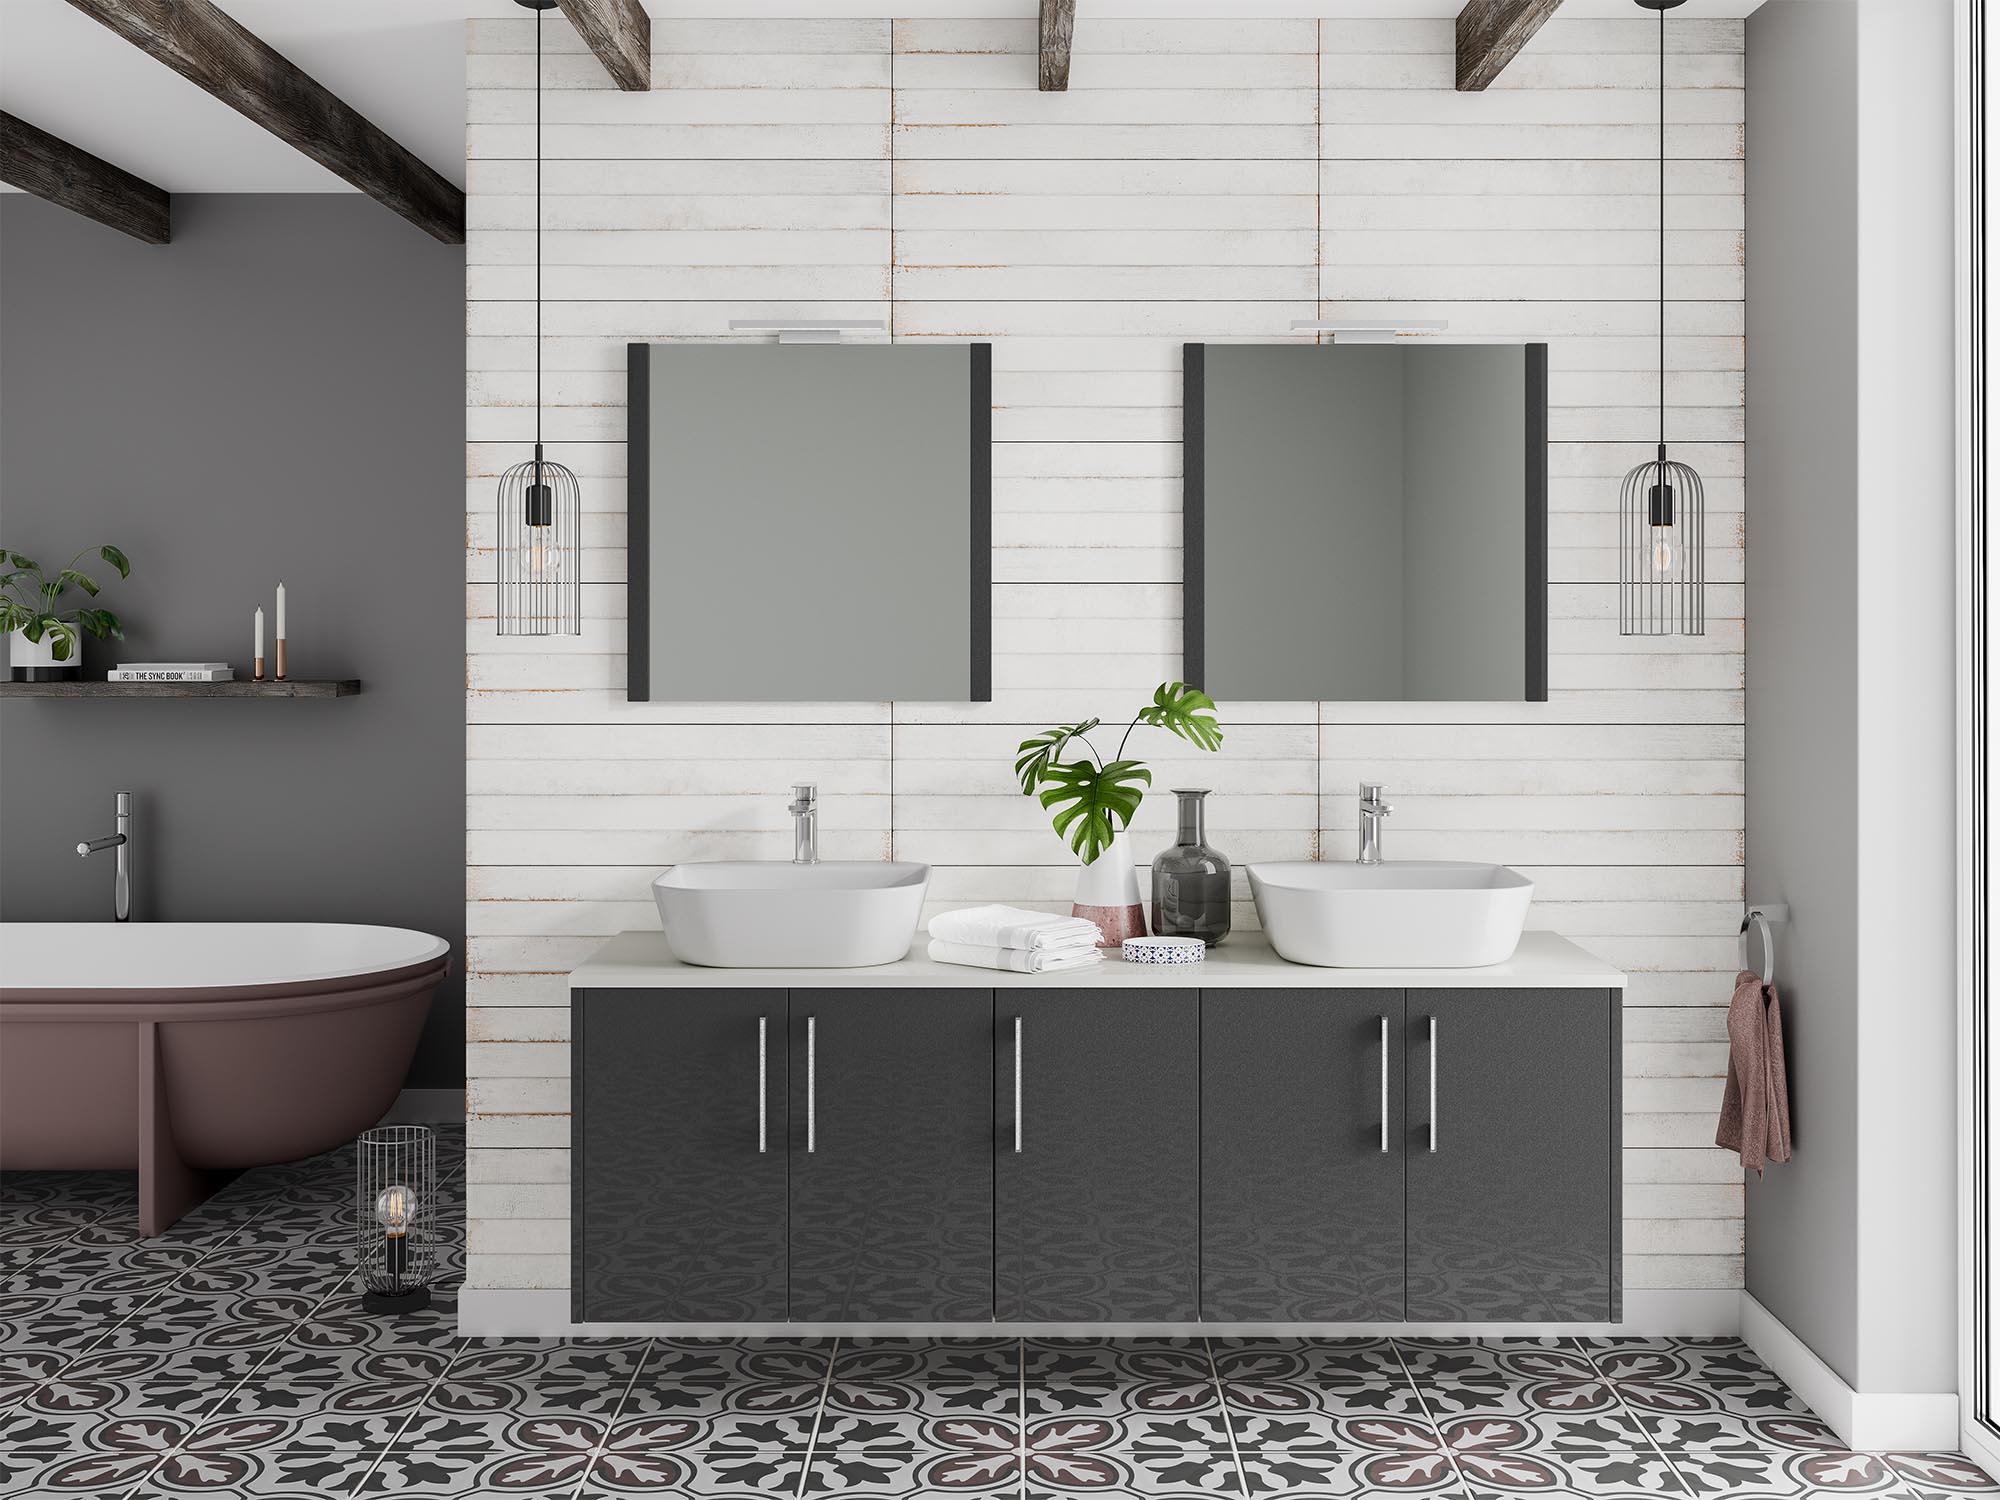 Bathroom CGI Roomsets 3